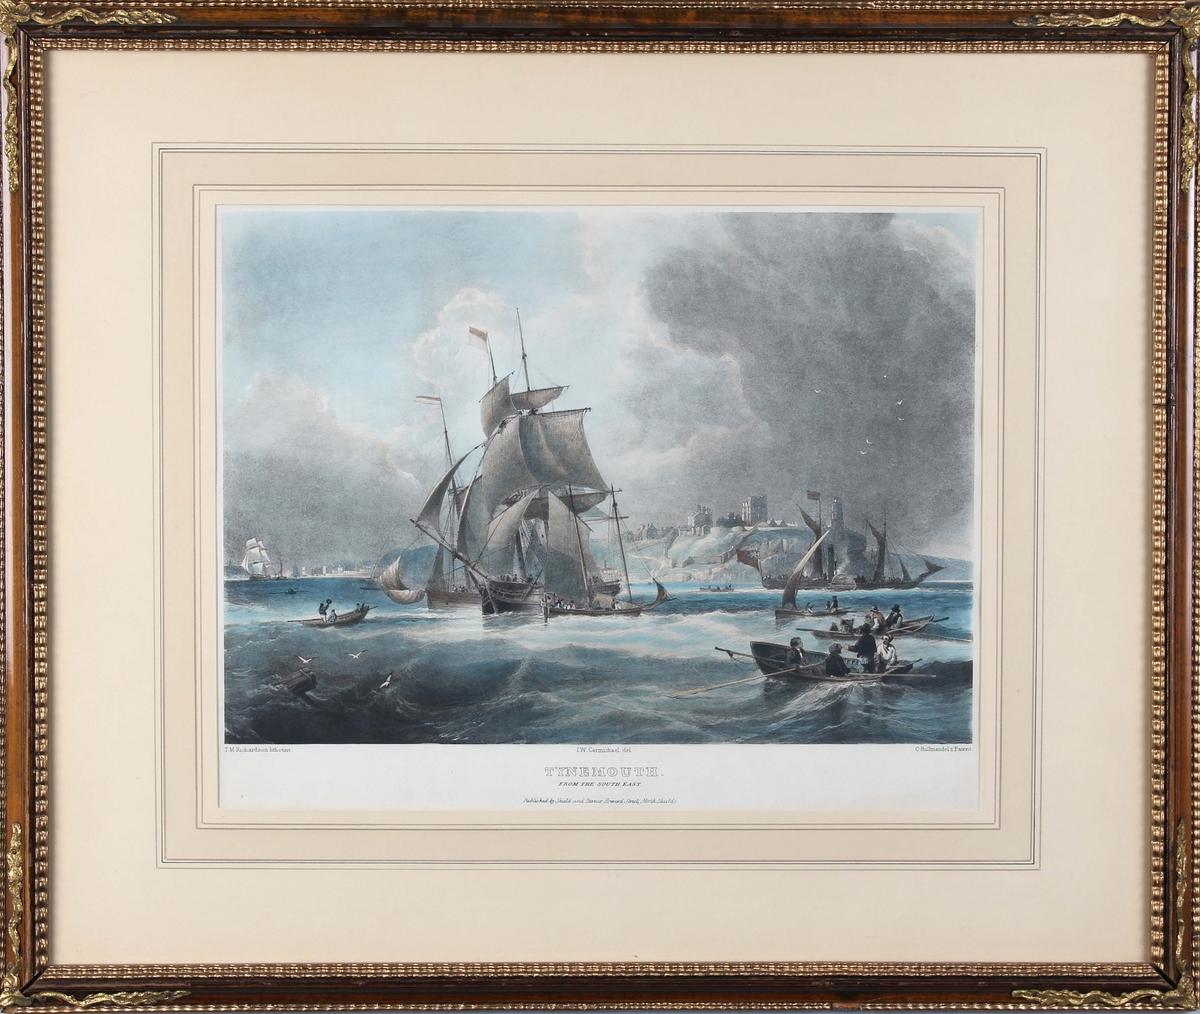 Trykk fra Tynemouth, sett fra sør-øst. Ser flere seilfartøyer, hjuldampskip og robåter, samt havnen i bakgrunn.